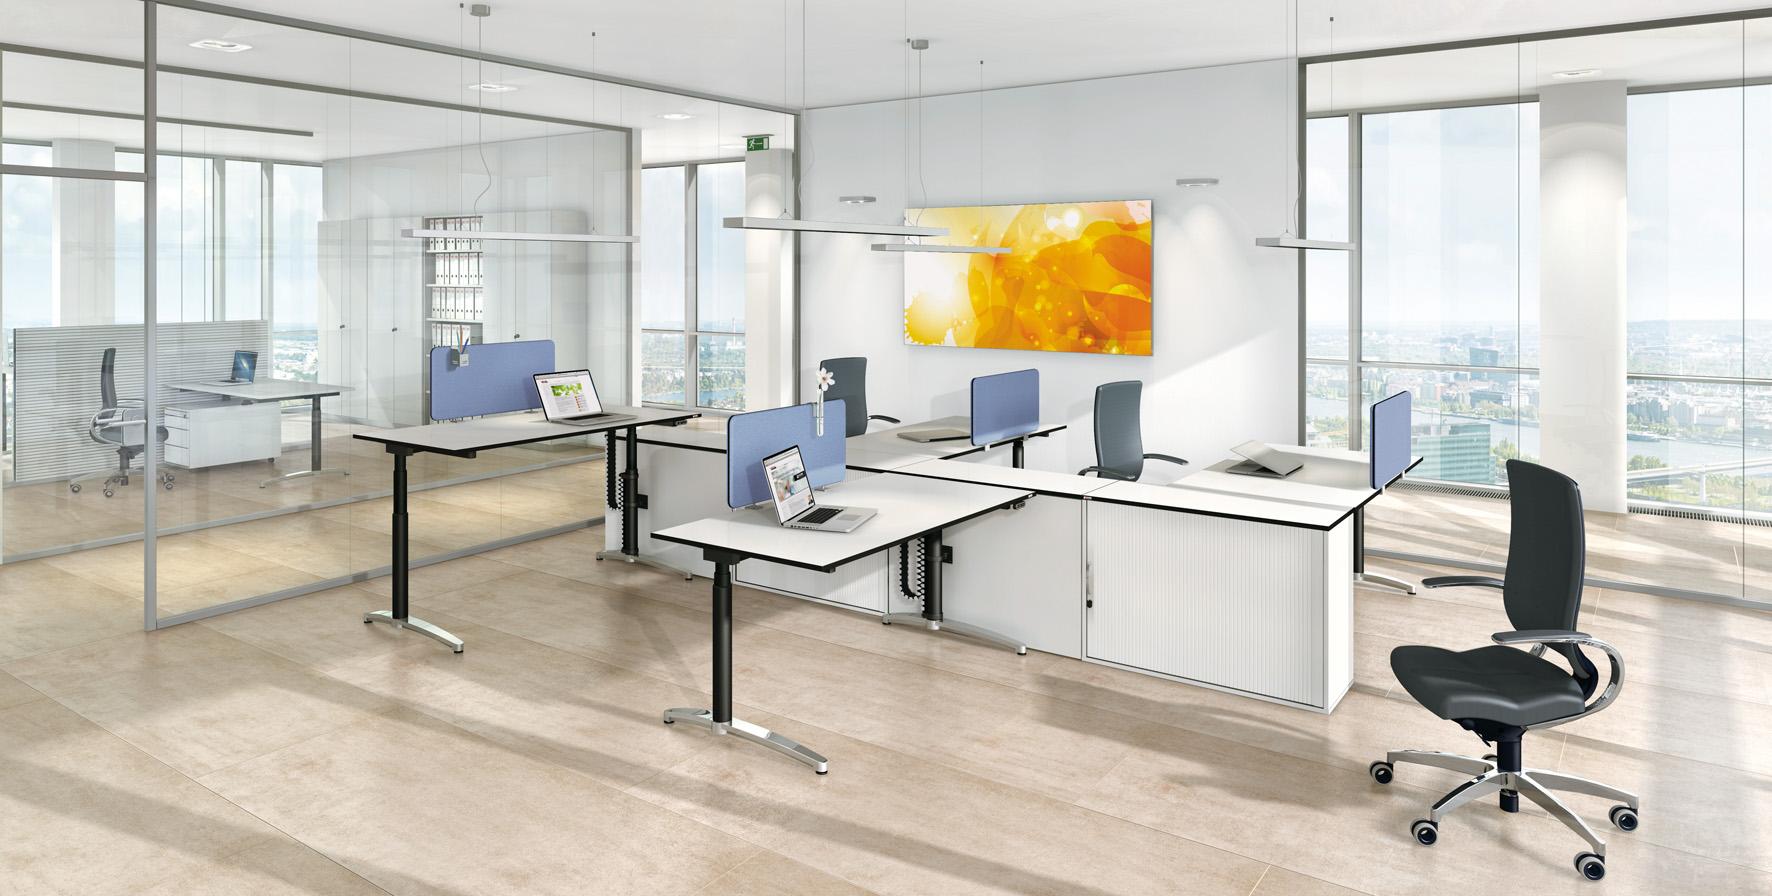 Nett Büromöbel Heilbronn Galerie - Die Designideen für Badezimmer ...